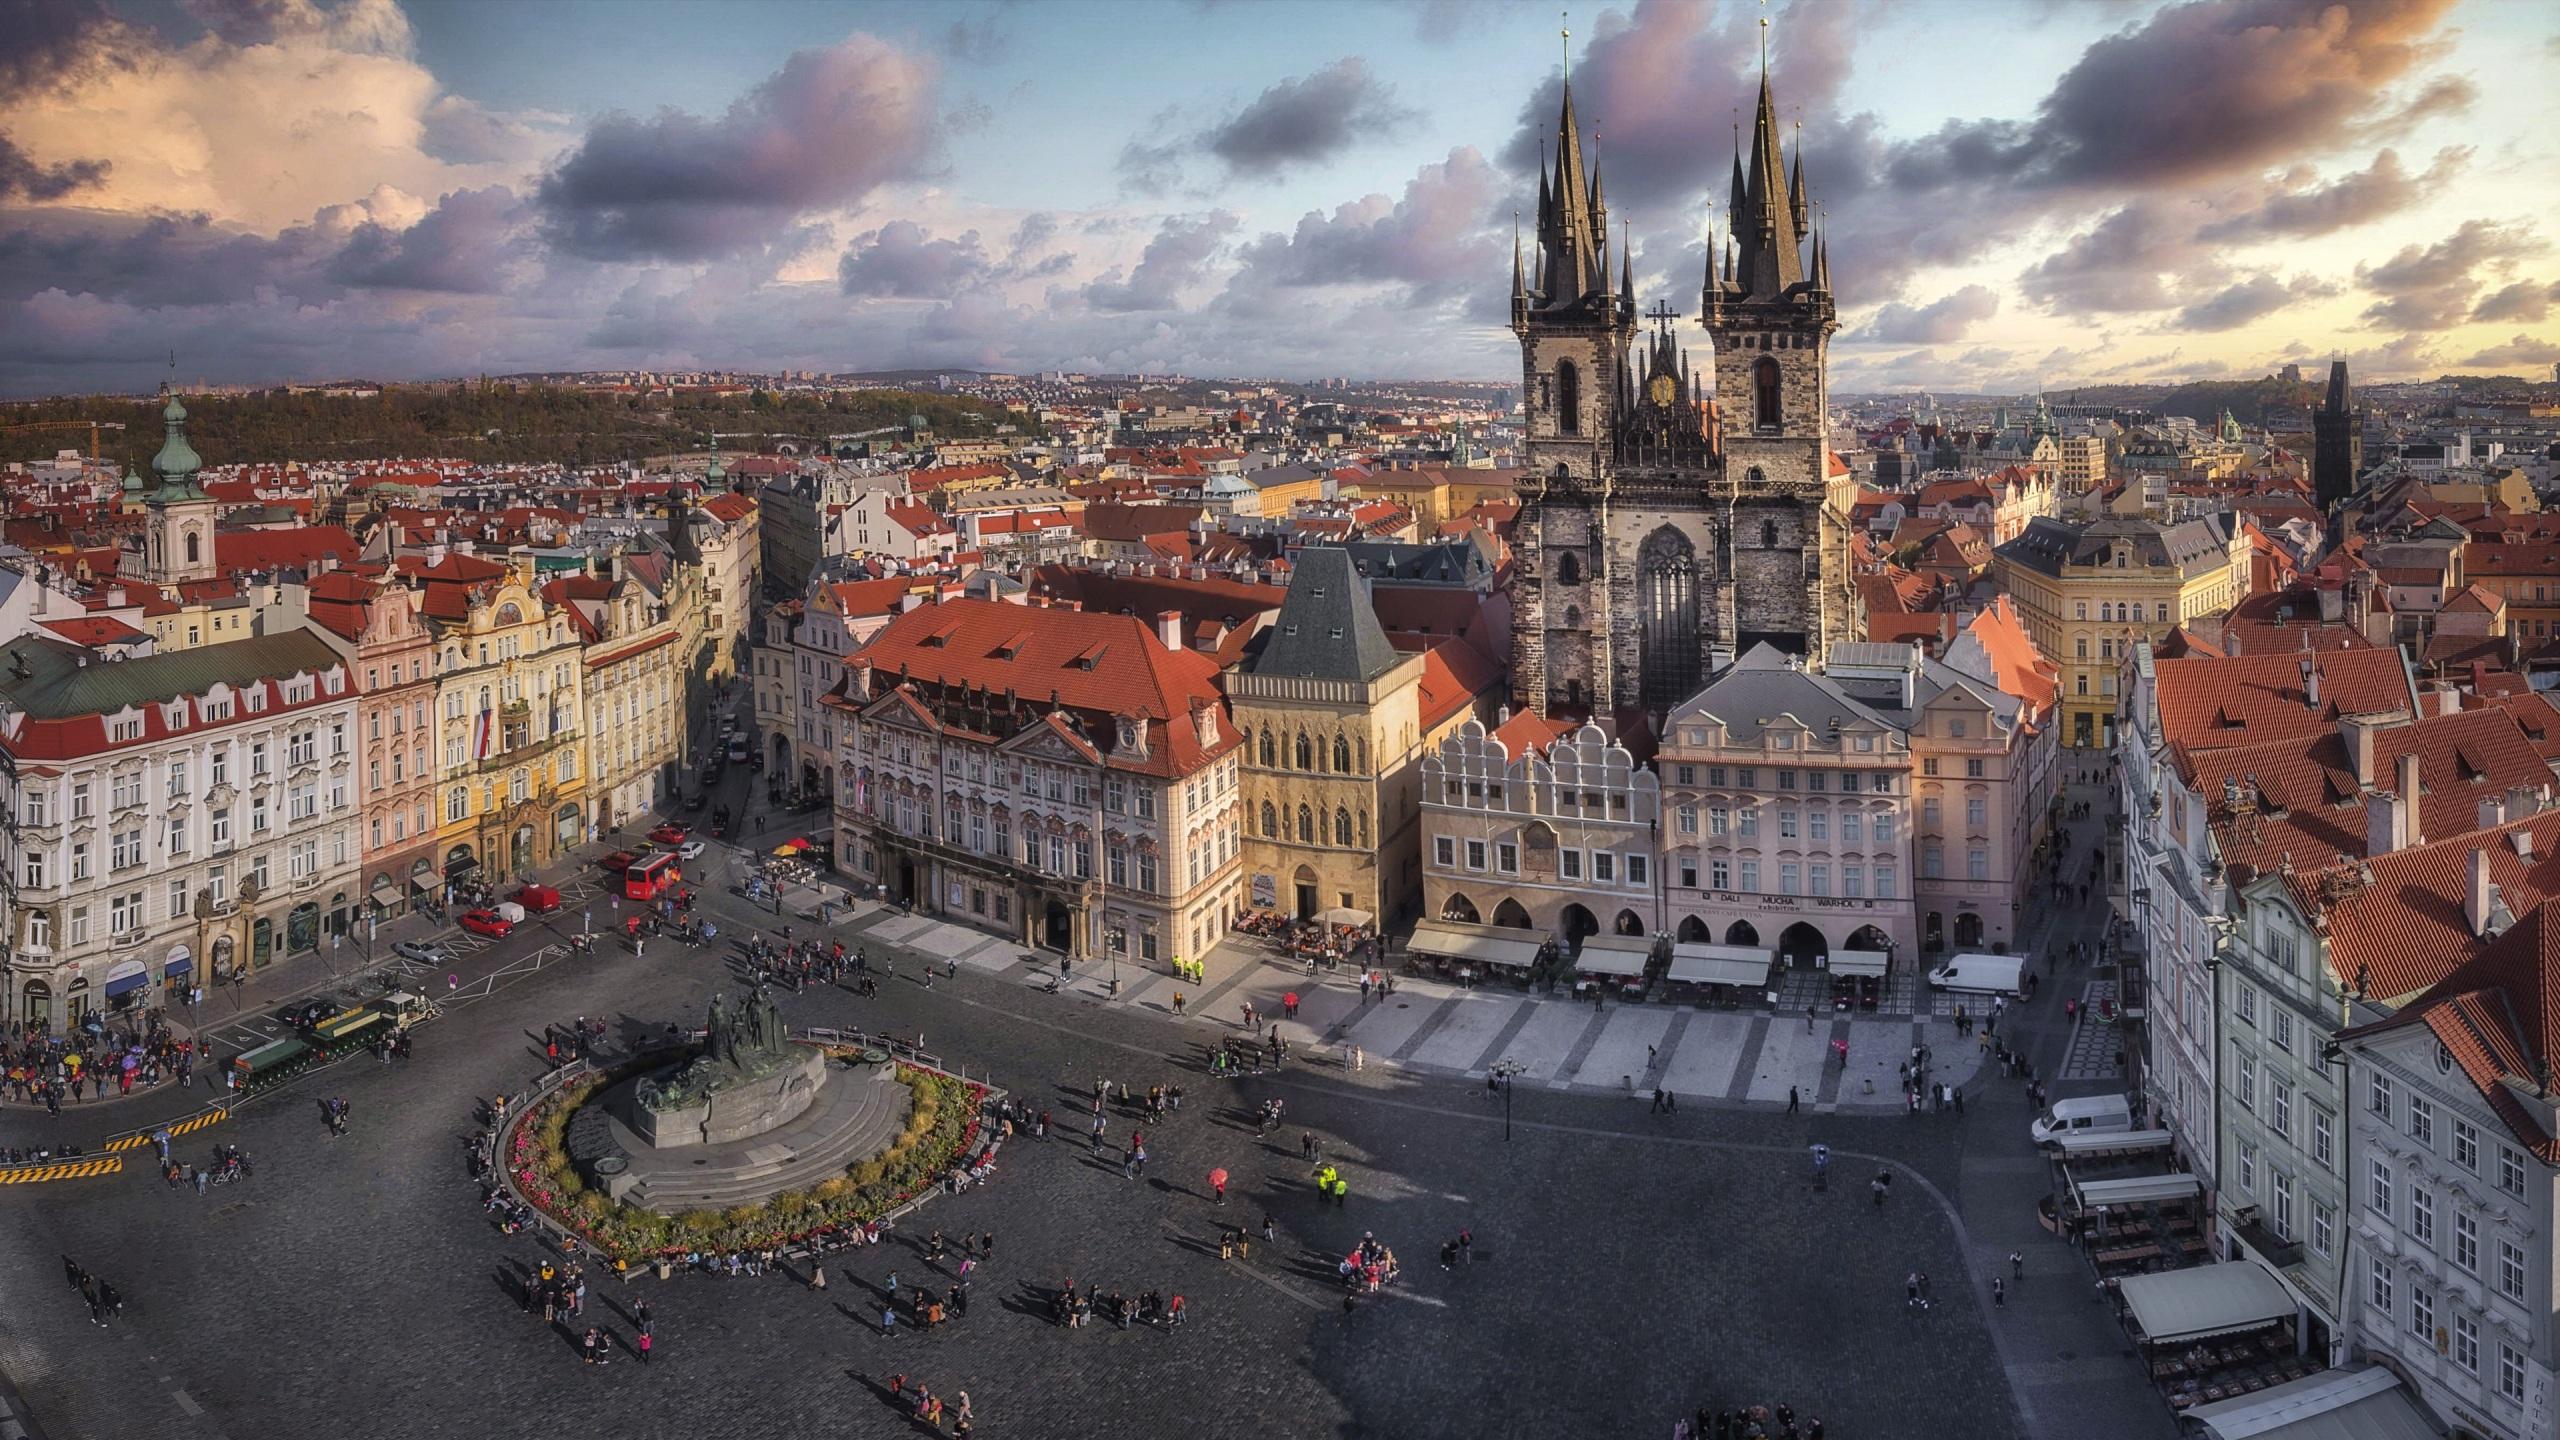 壁紙 2560x1440 チェコ プラハ 住宅 Plaza De La Ciudad Vieja 広場 ストリート 塔 上から 都市 ダウンロード 写真